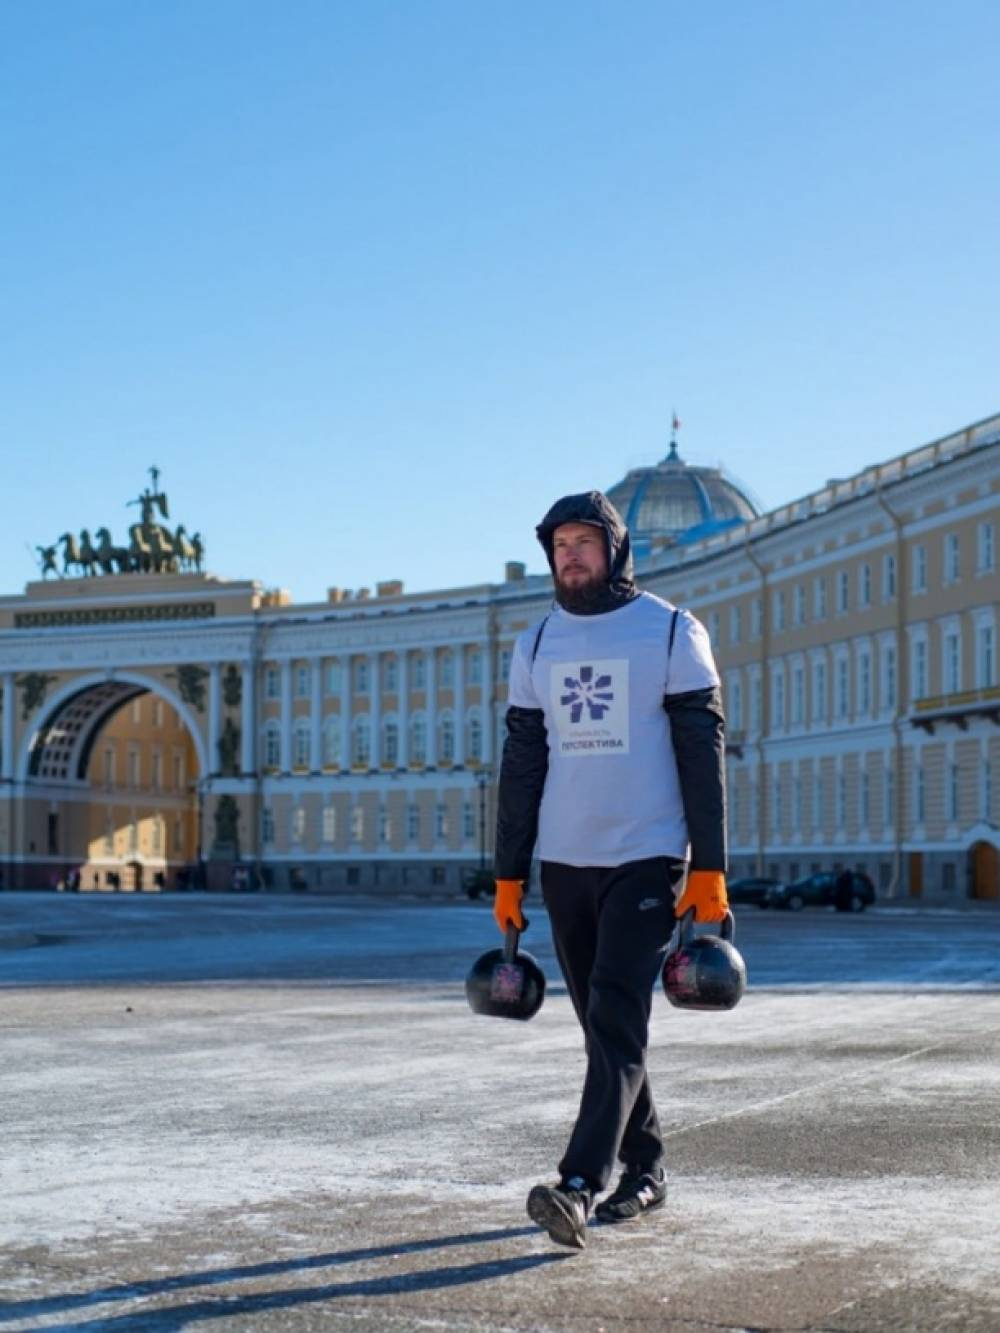 В Санкт-Петербурге спортсмен из Ялты установил рекорд по суточной ходьбе с гирями